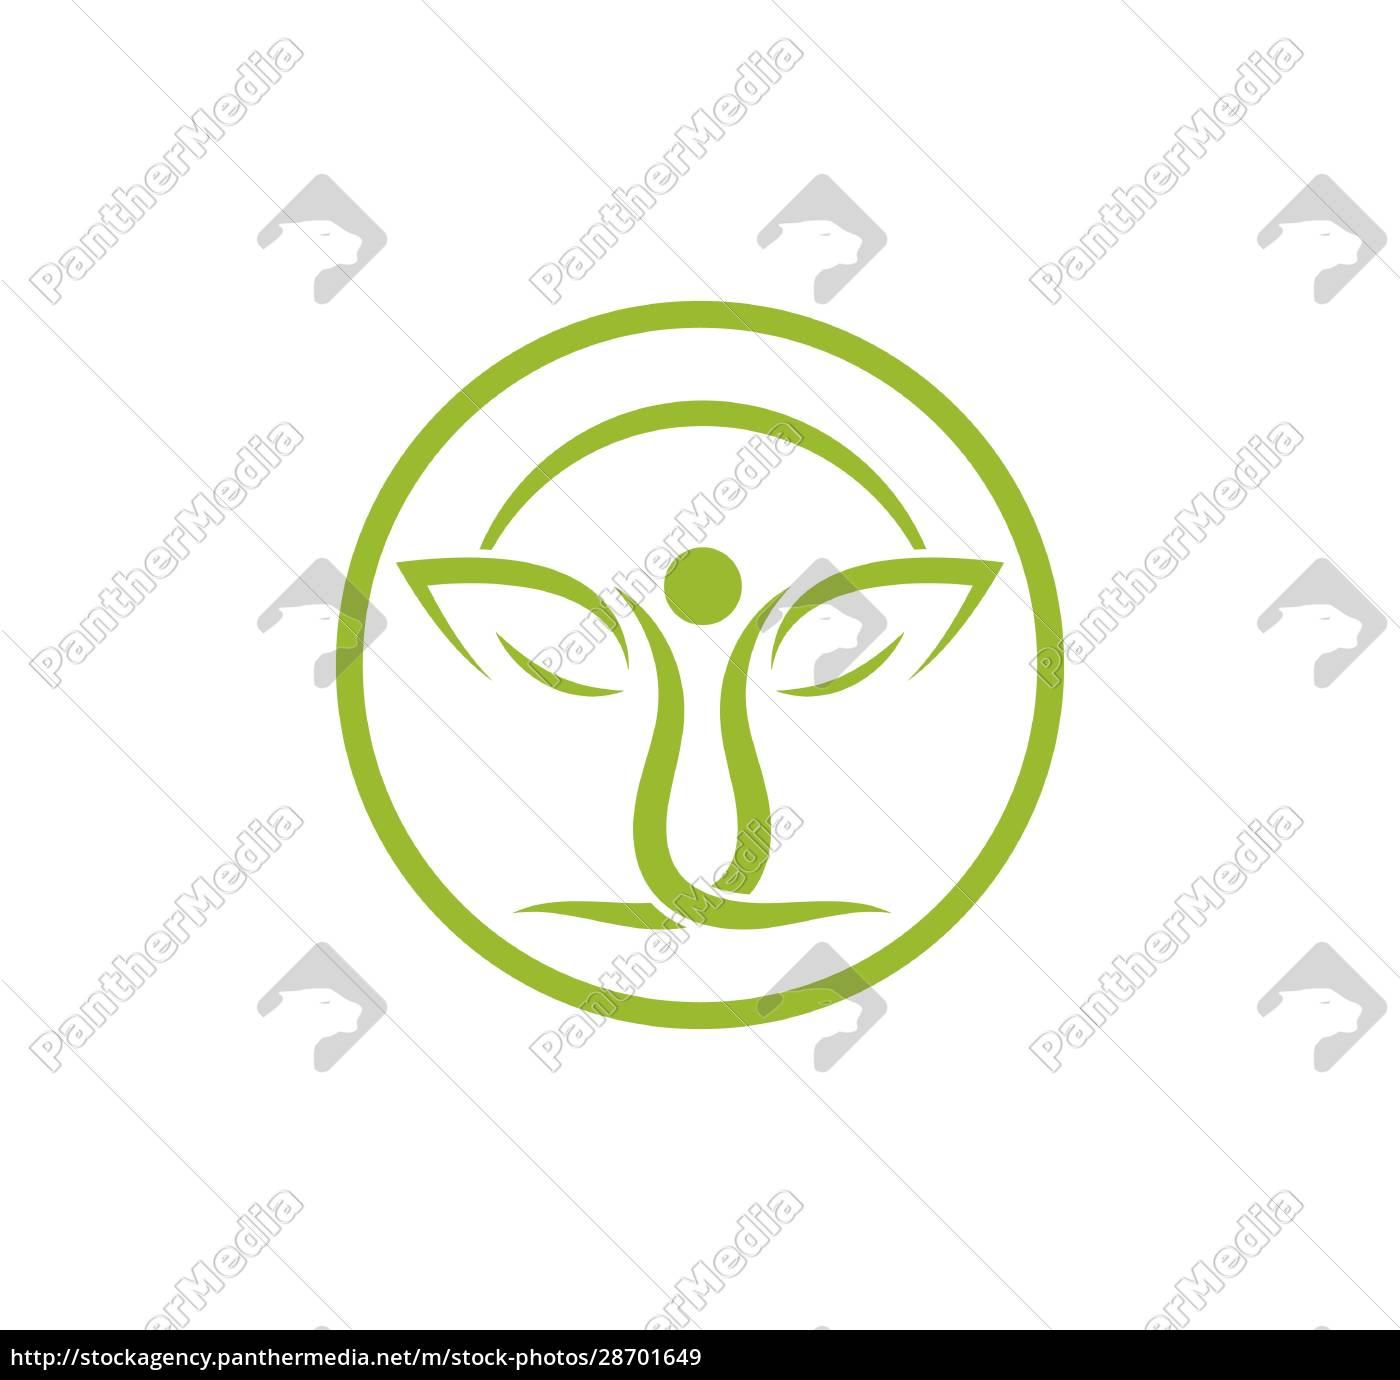 gesundes, leben, menschen, medizinische, logo-vorlage, vektor - 28701649